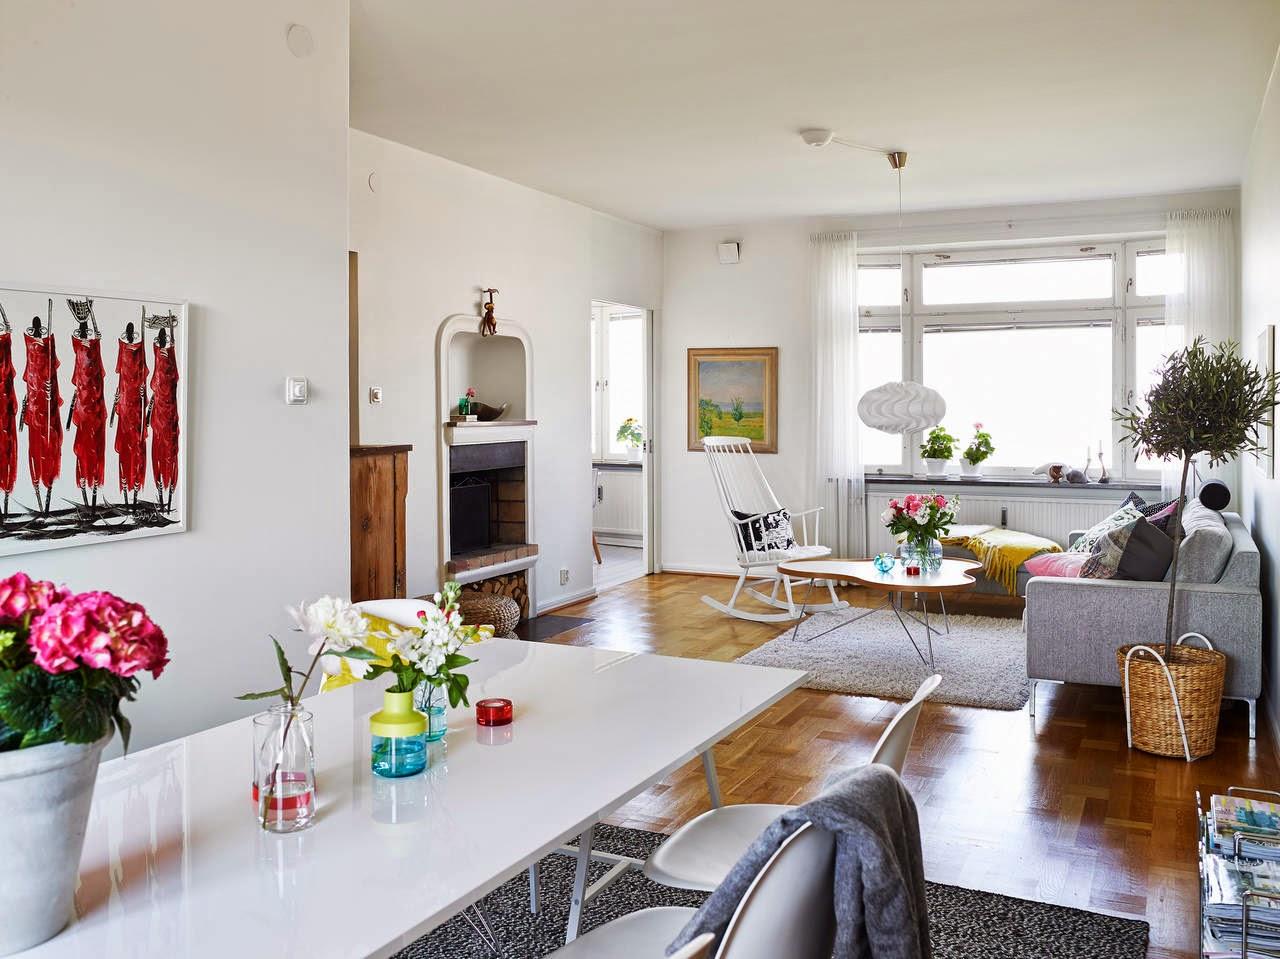 Inspiraci n deco casas con color y de estilo n rdico tr s studio blog de decoraci n - Casas muy pequenas ...